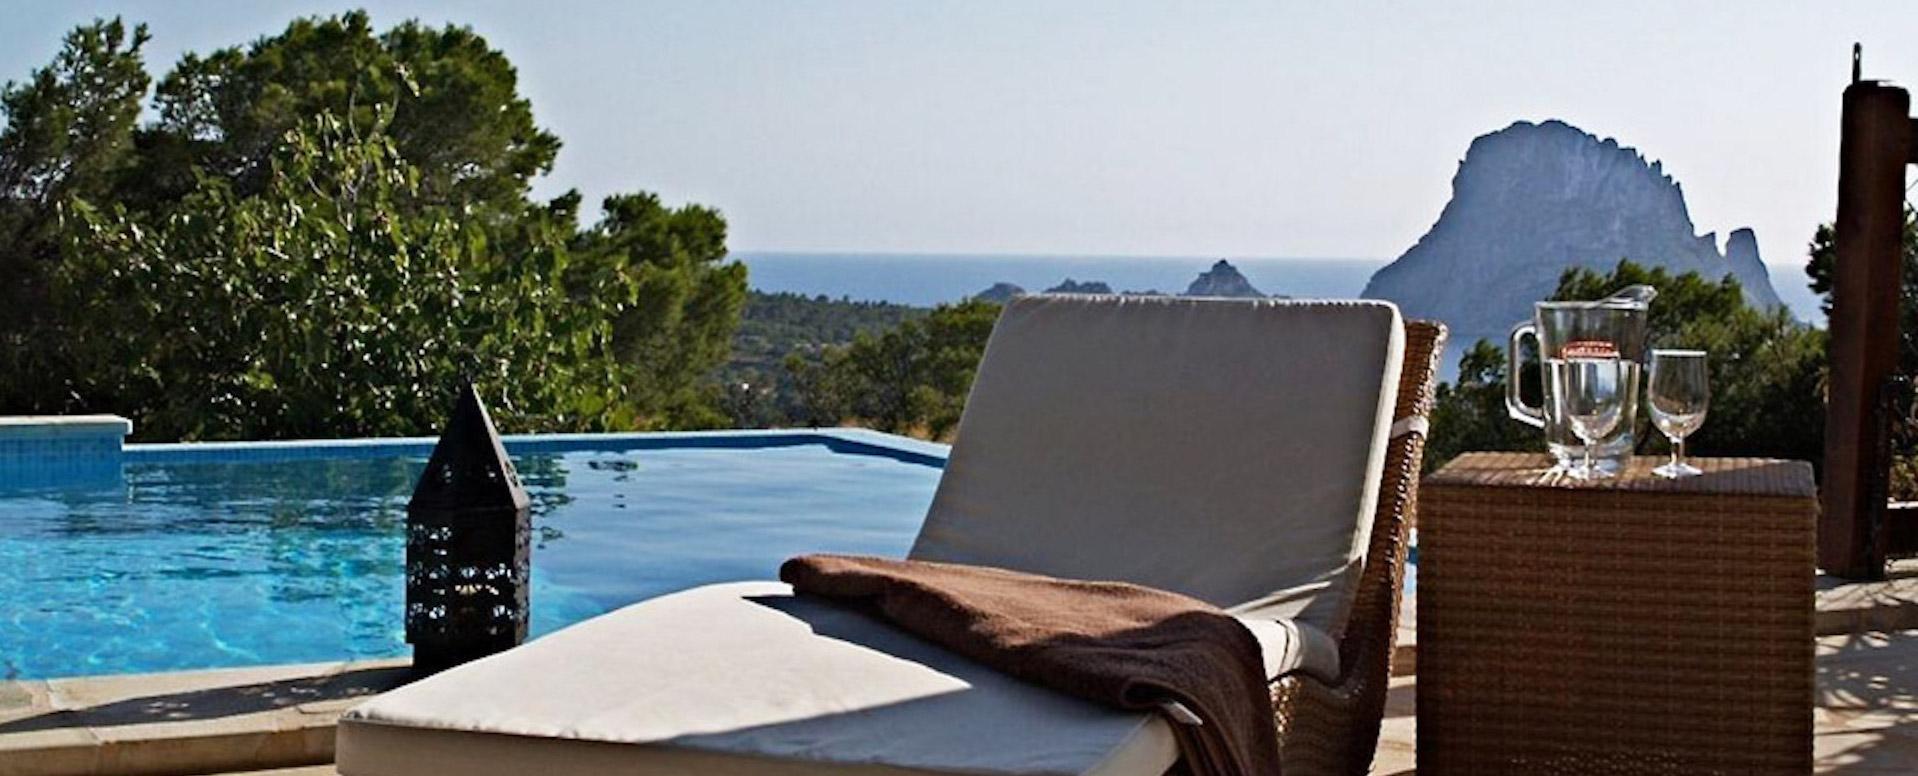 10 - Rent a villa with Villanovo - Ibiza